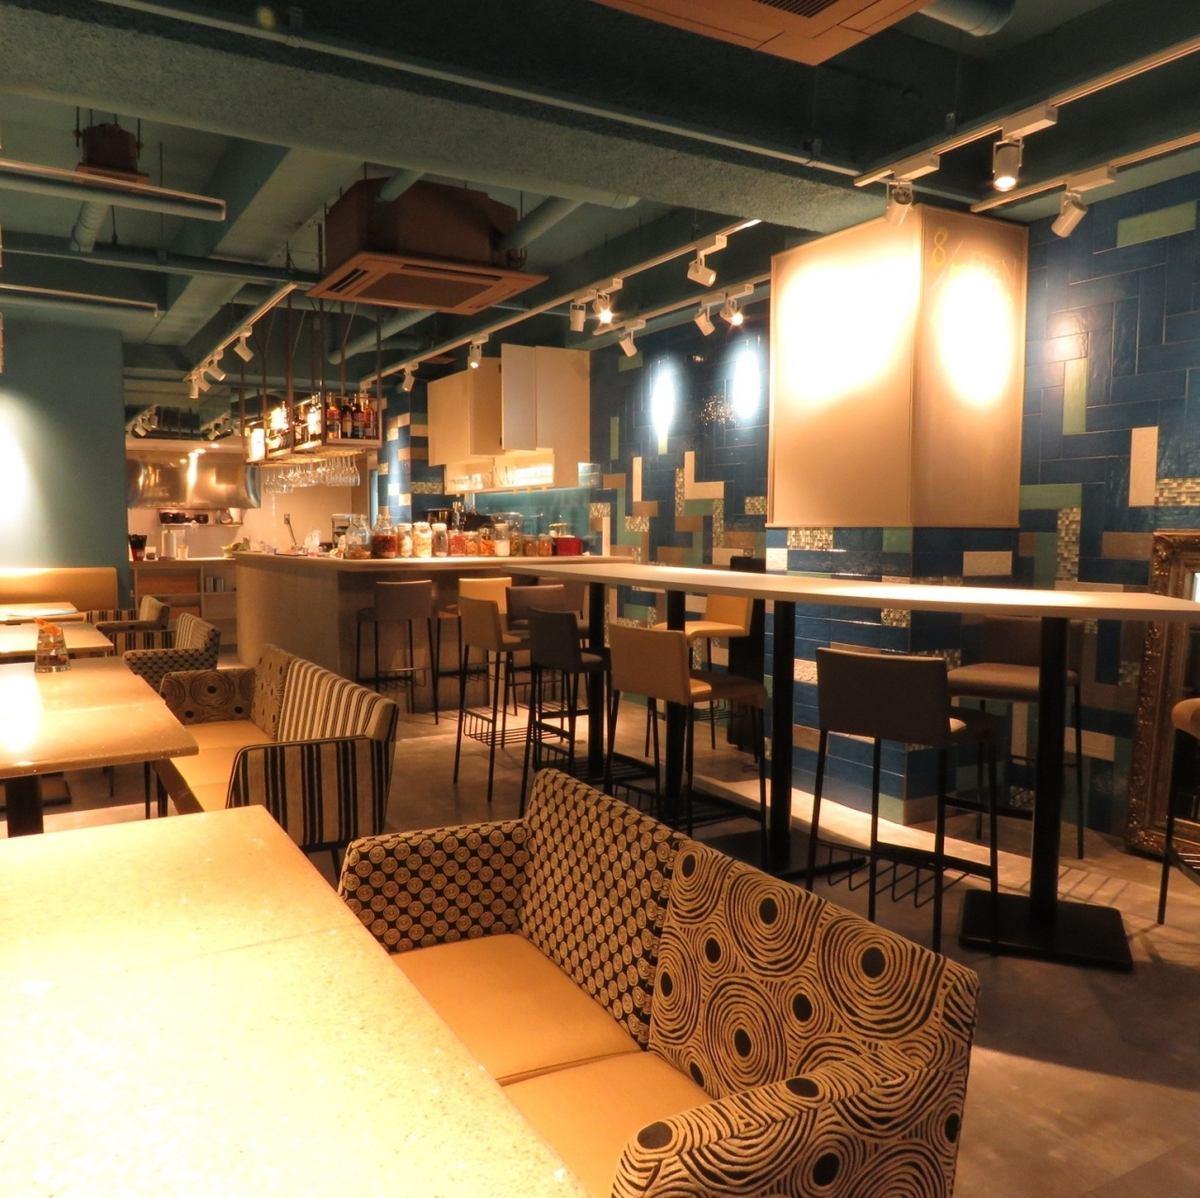 美食无快感成人空间NewOPEN☆[午餐在咖啡厅/晚上的食品和饮料中DiningBar]以泉